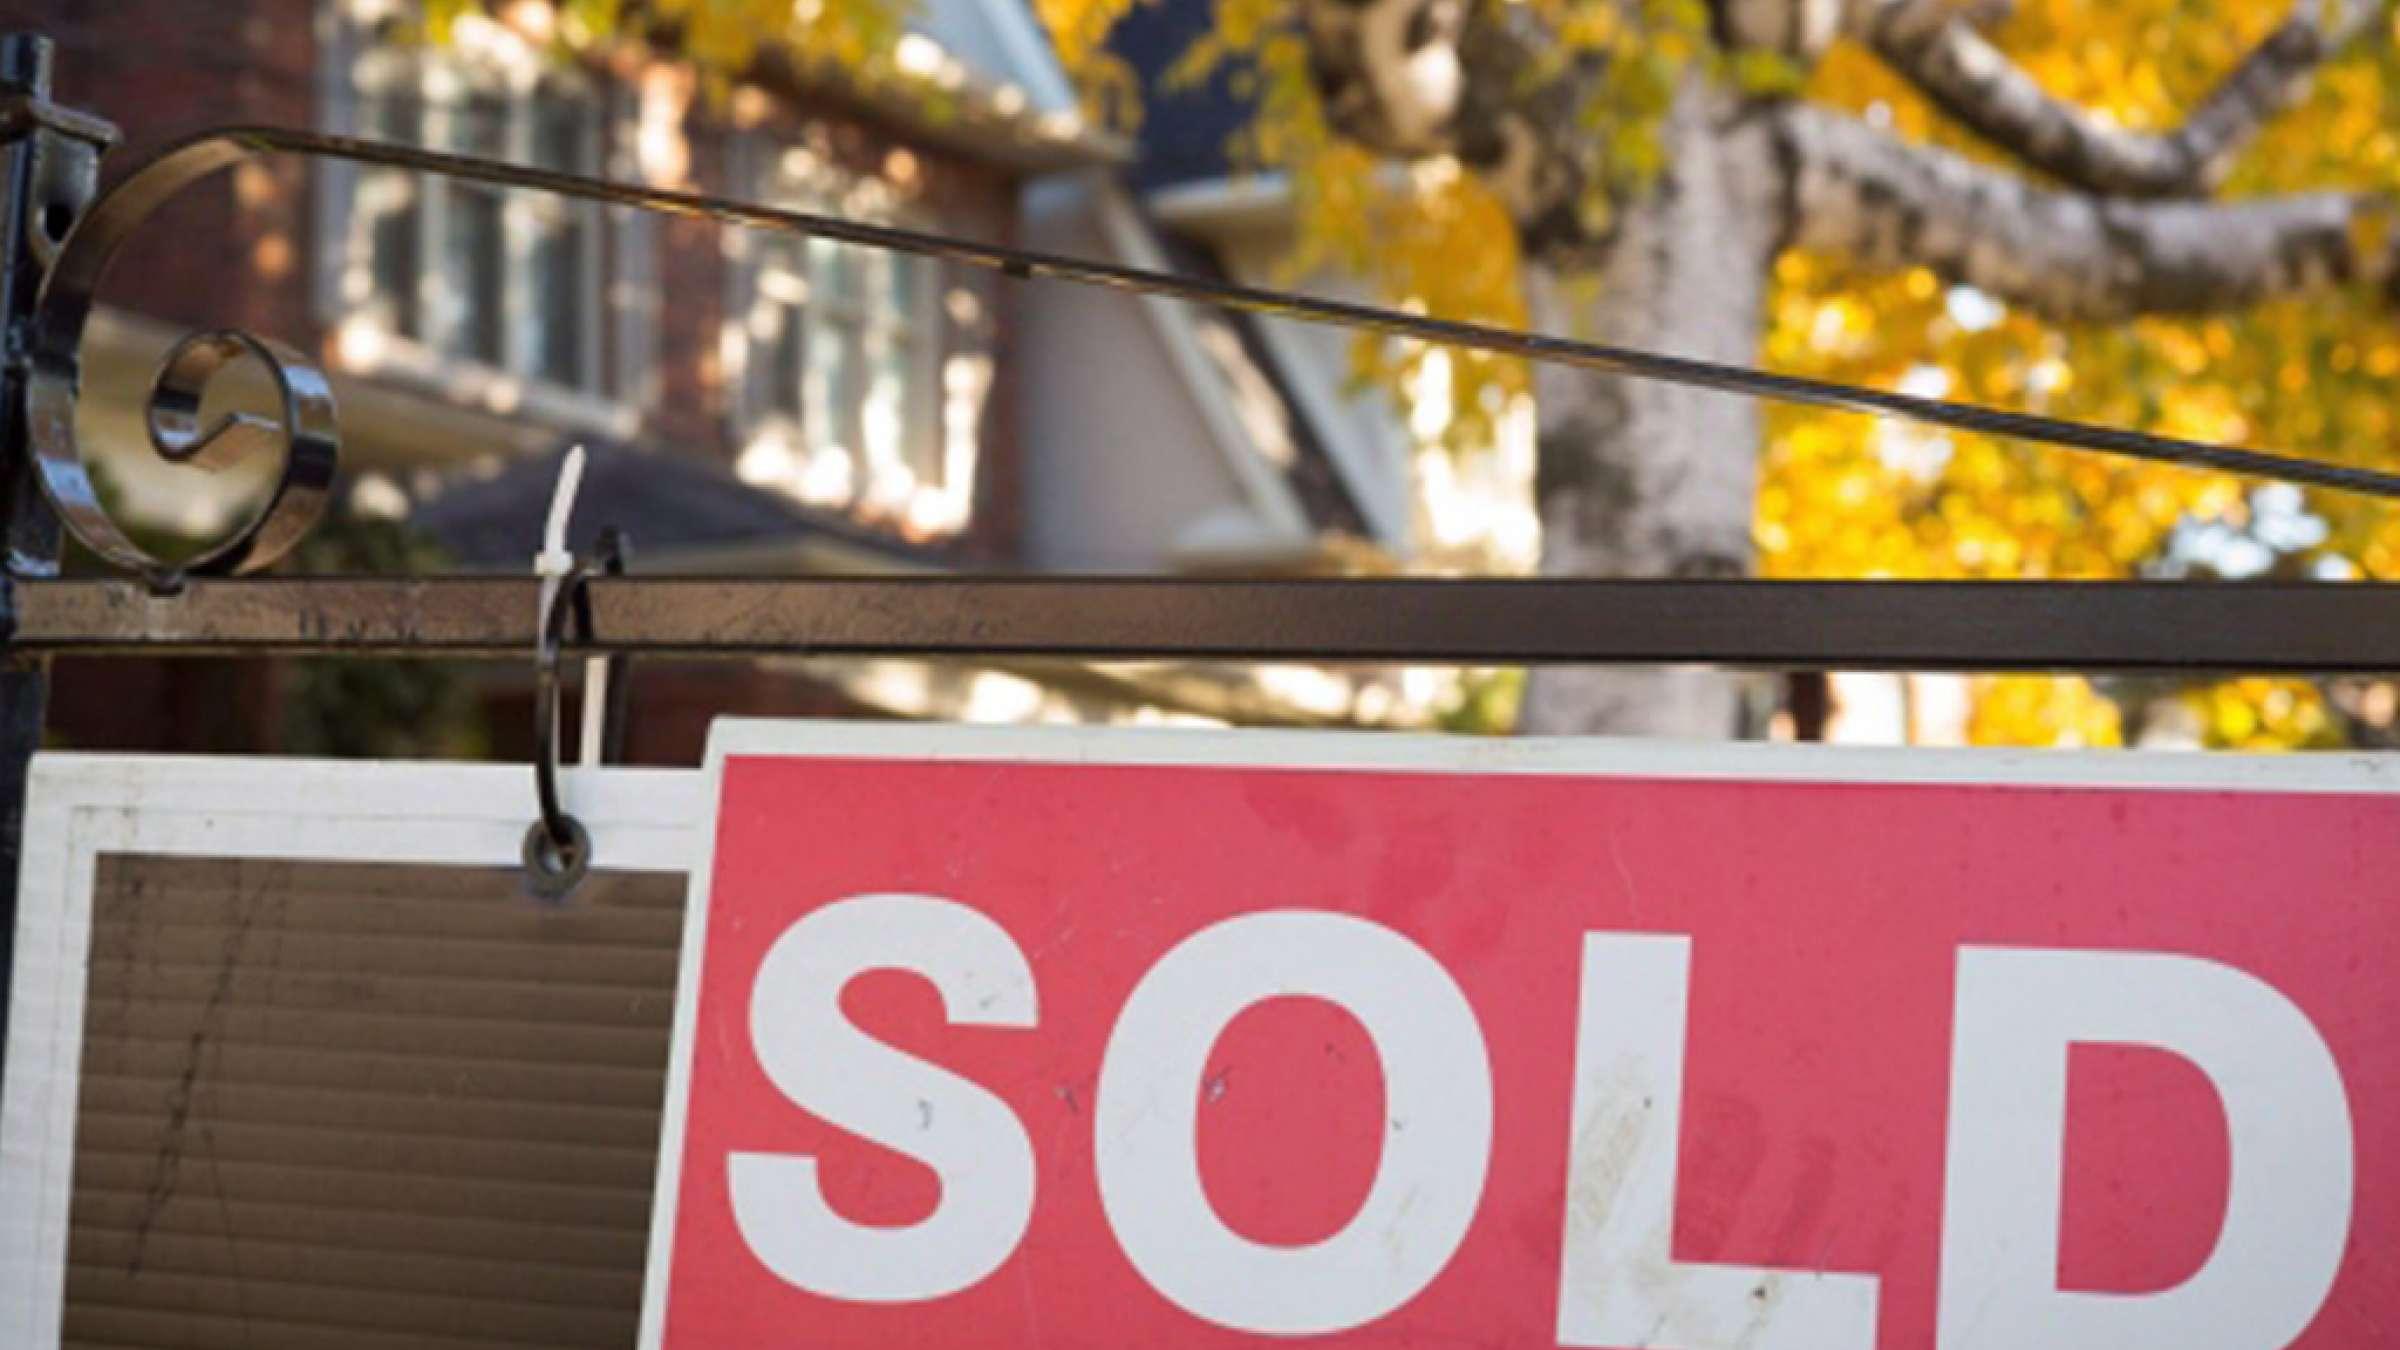 اخبار-تورنتو-انتاریو-قوانین-خرید-و-فروش-املاک-را-تغییر-داد